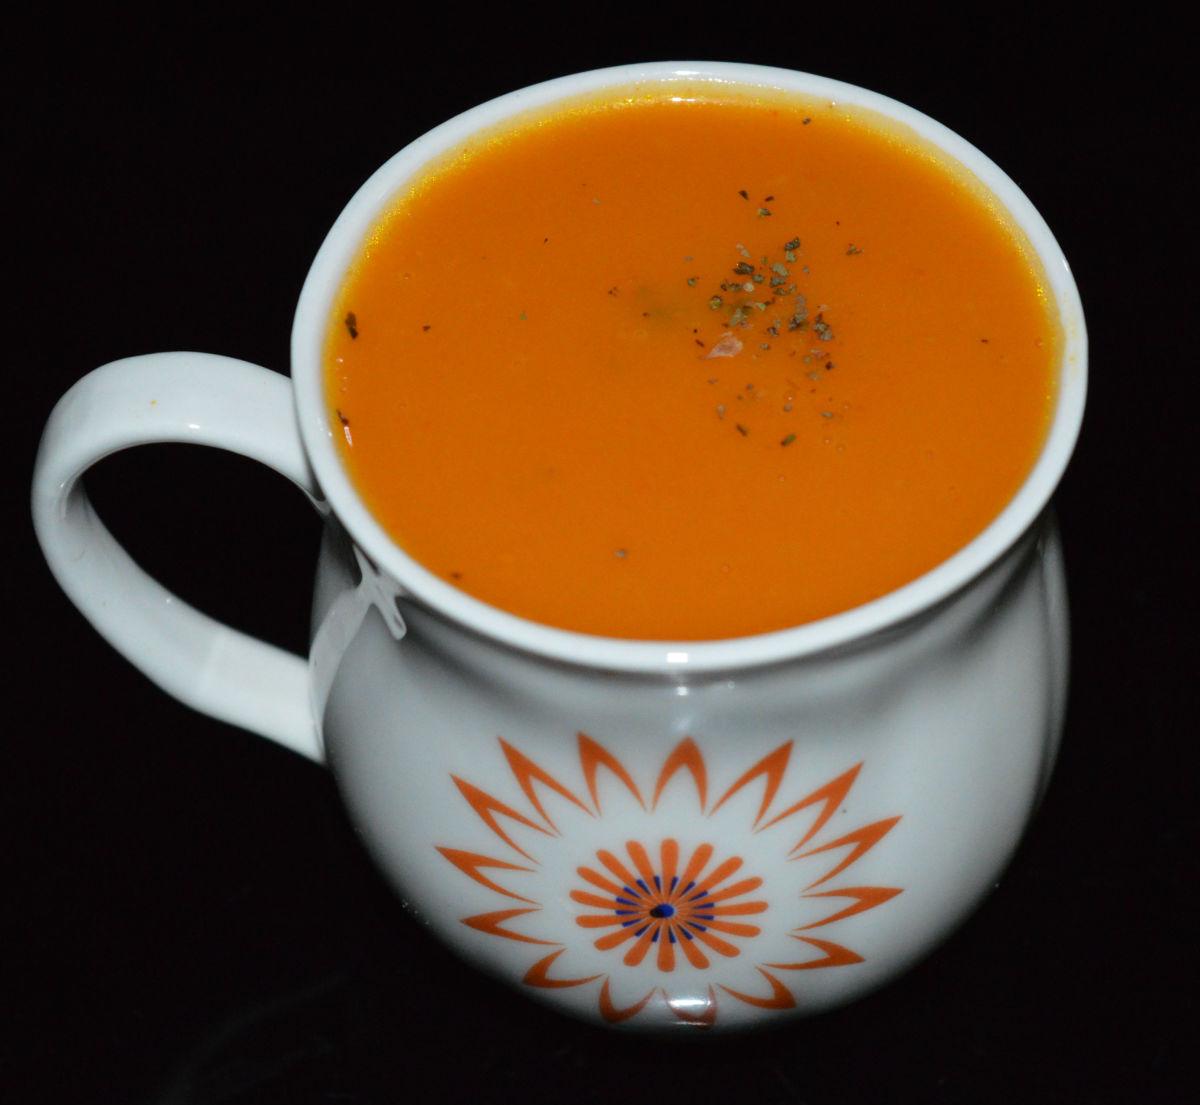 Carrot Onion Soup Recipe